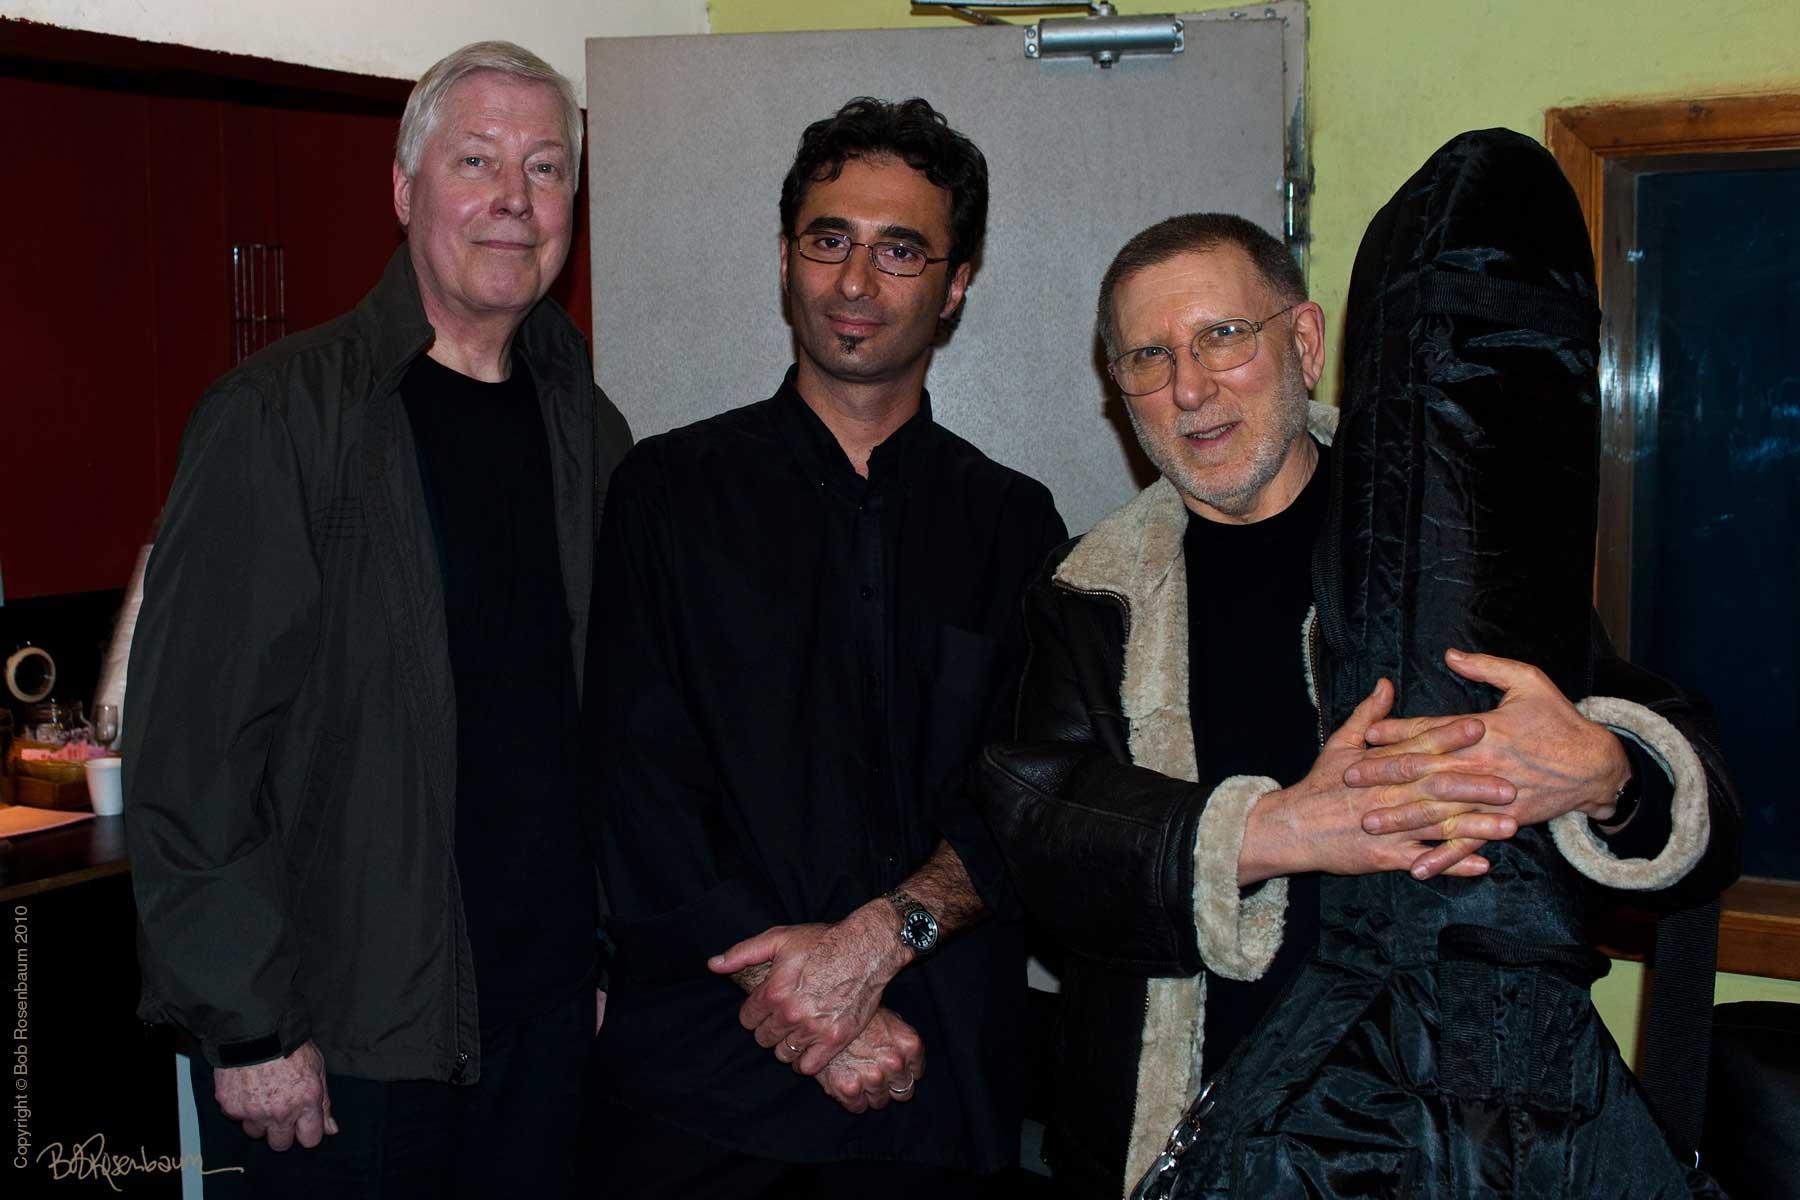 Joe Hunt, Alec Katz & Chuck Israels at Shablul Club